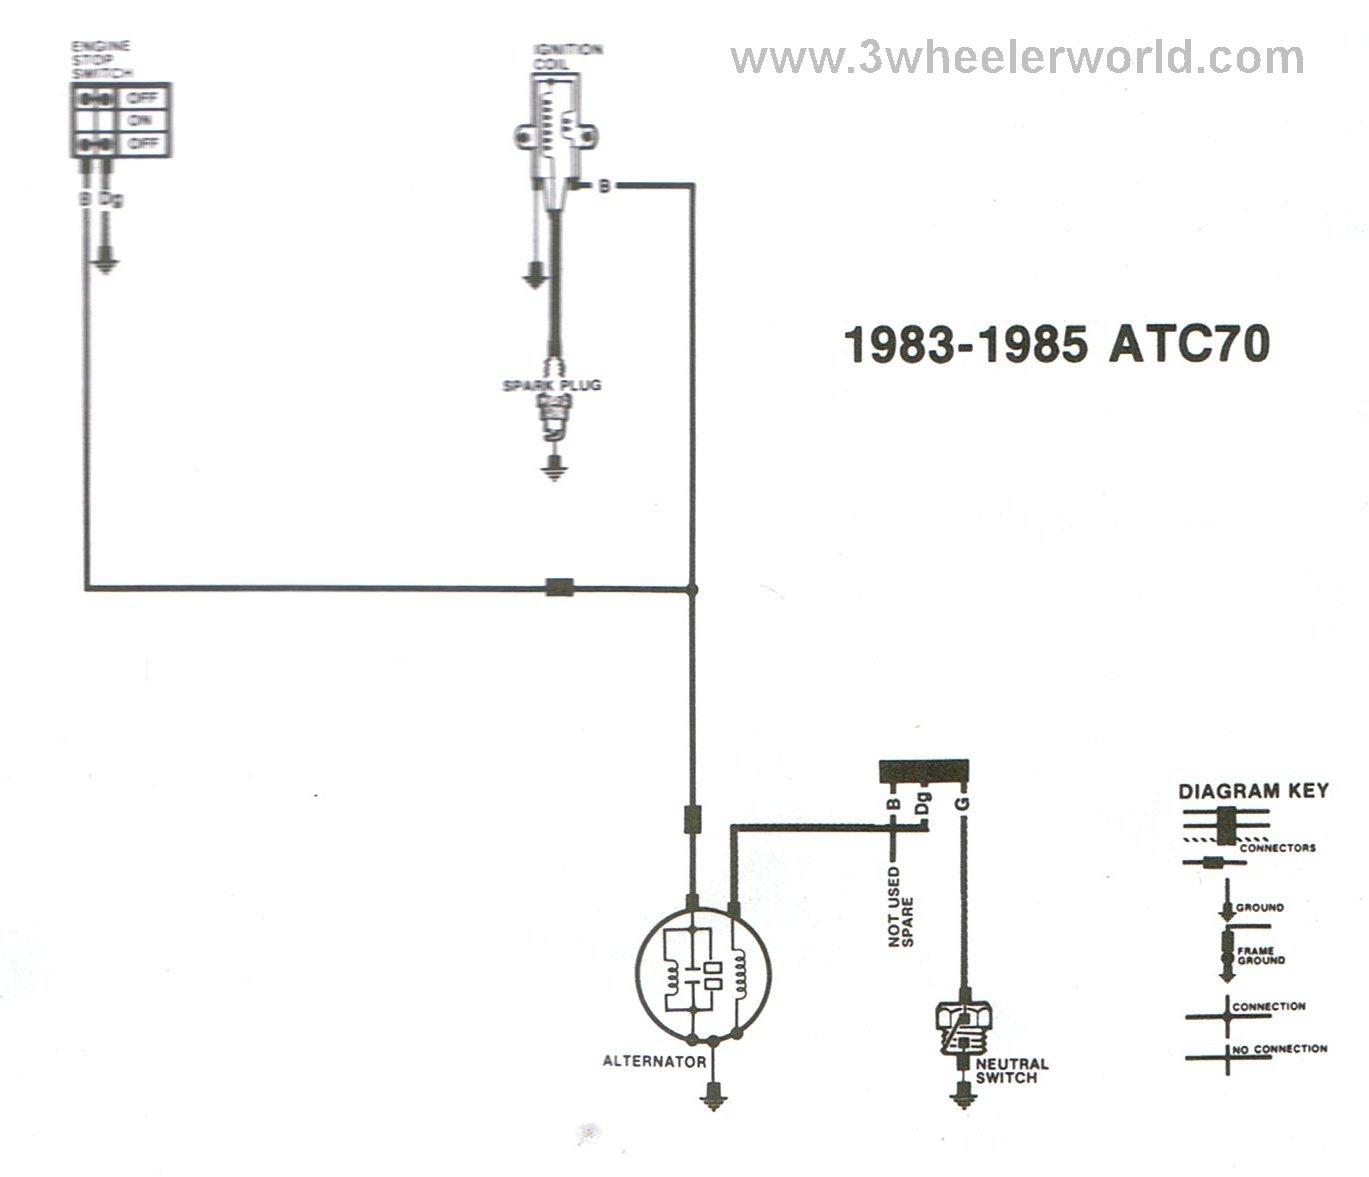 3WHeeLeR WoRLD  ATC70